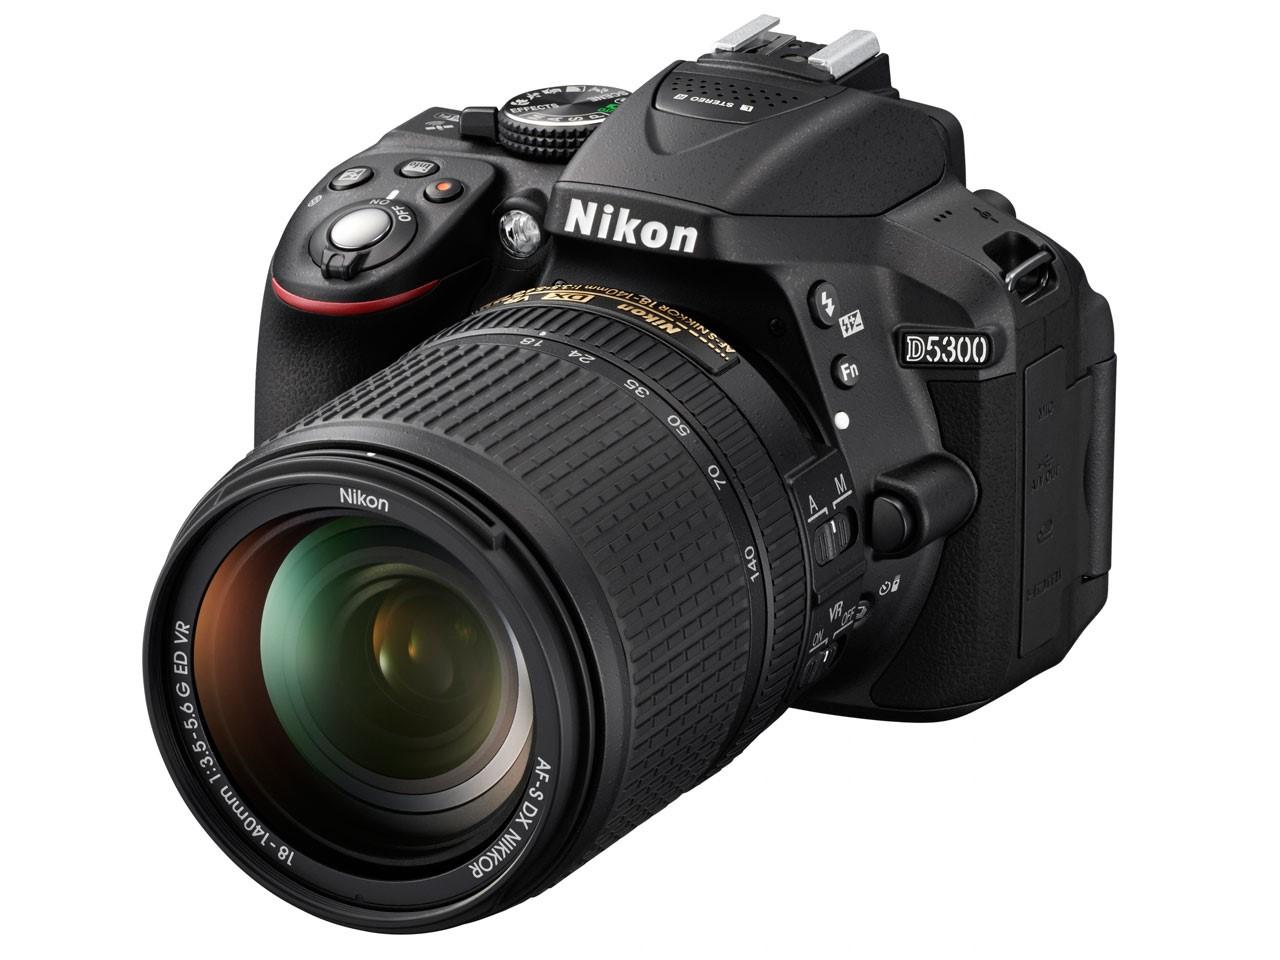 Még egy Nikon mára: itt a D5300!